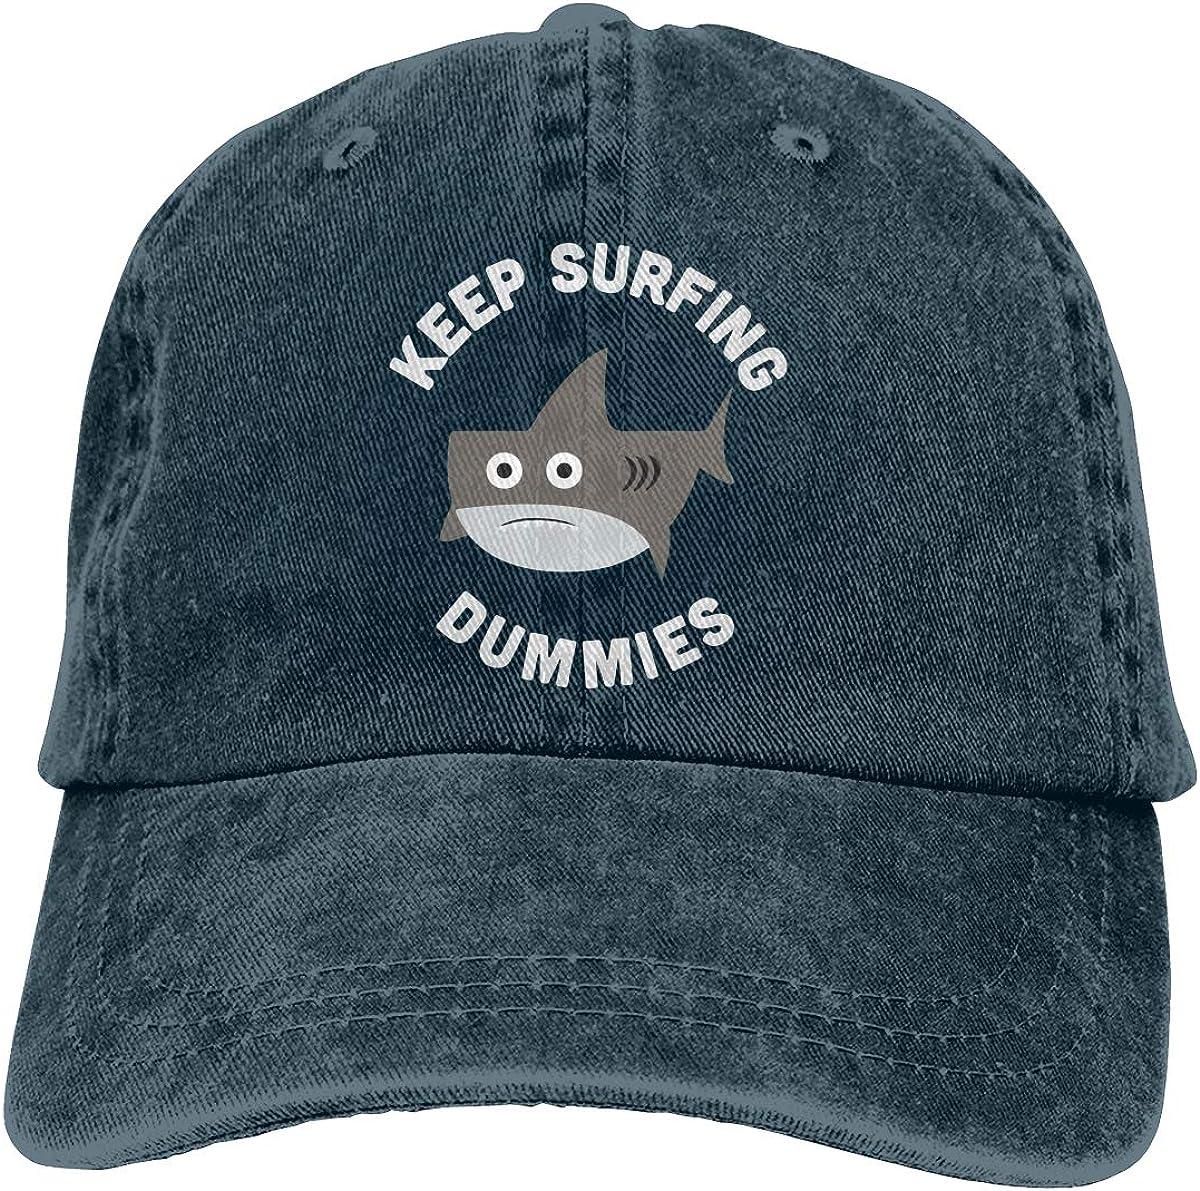 Cute Shark - Keep Surfing Denim Hats Adjustable Baseball Cap Dad Hats